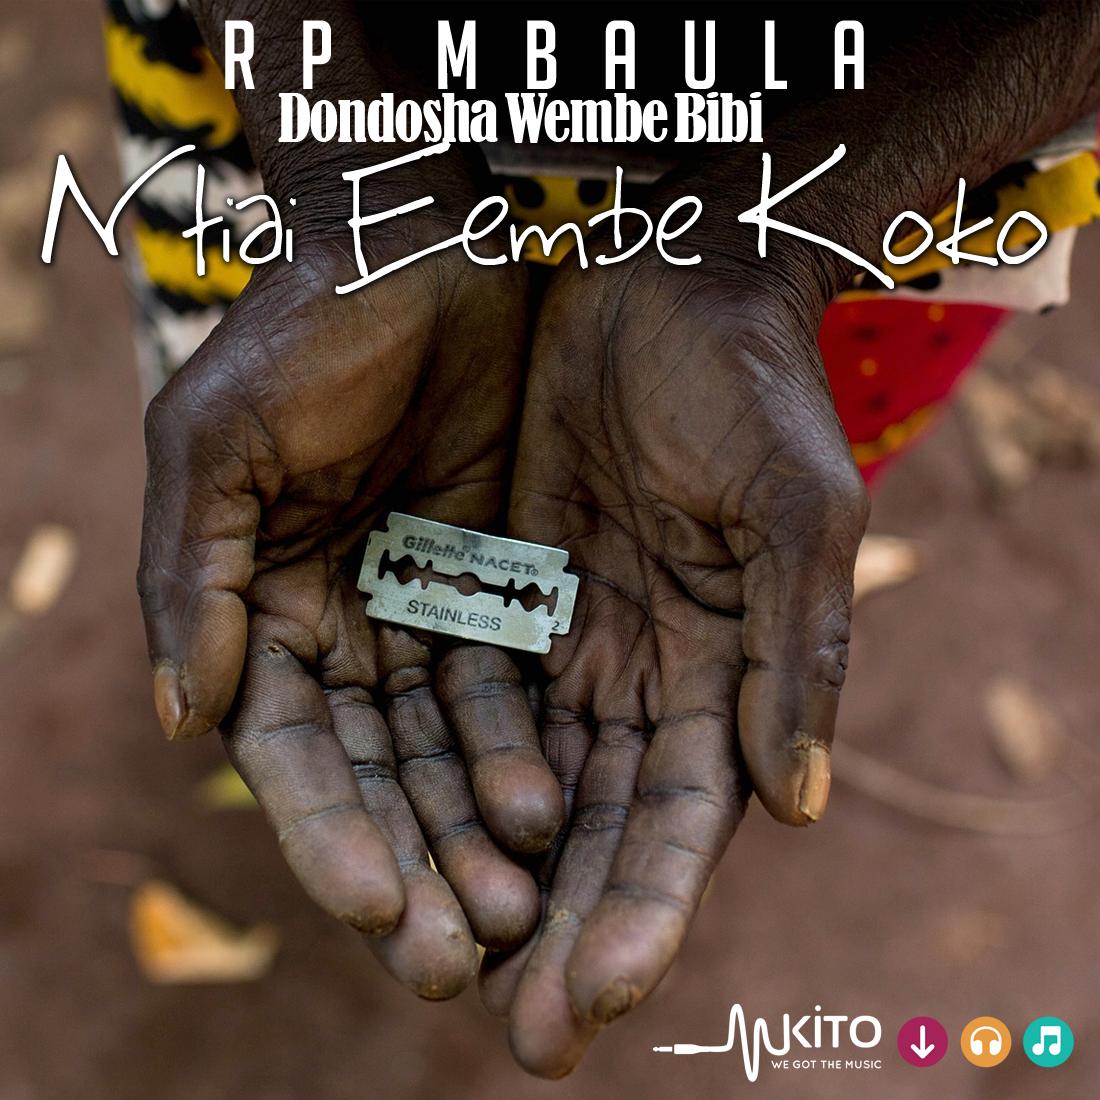 RP Mbaula - Matolikinoto